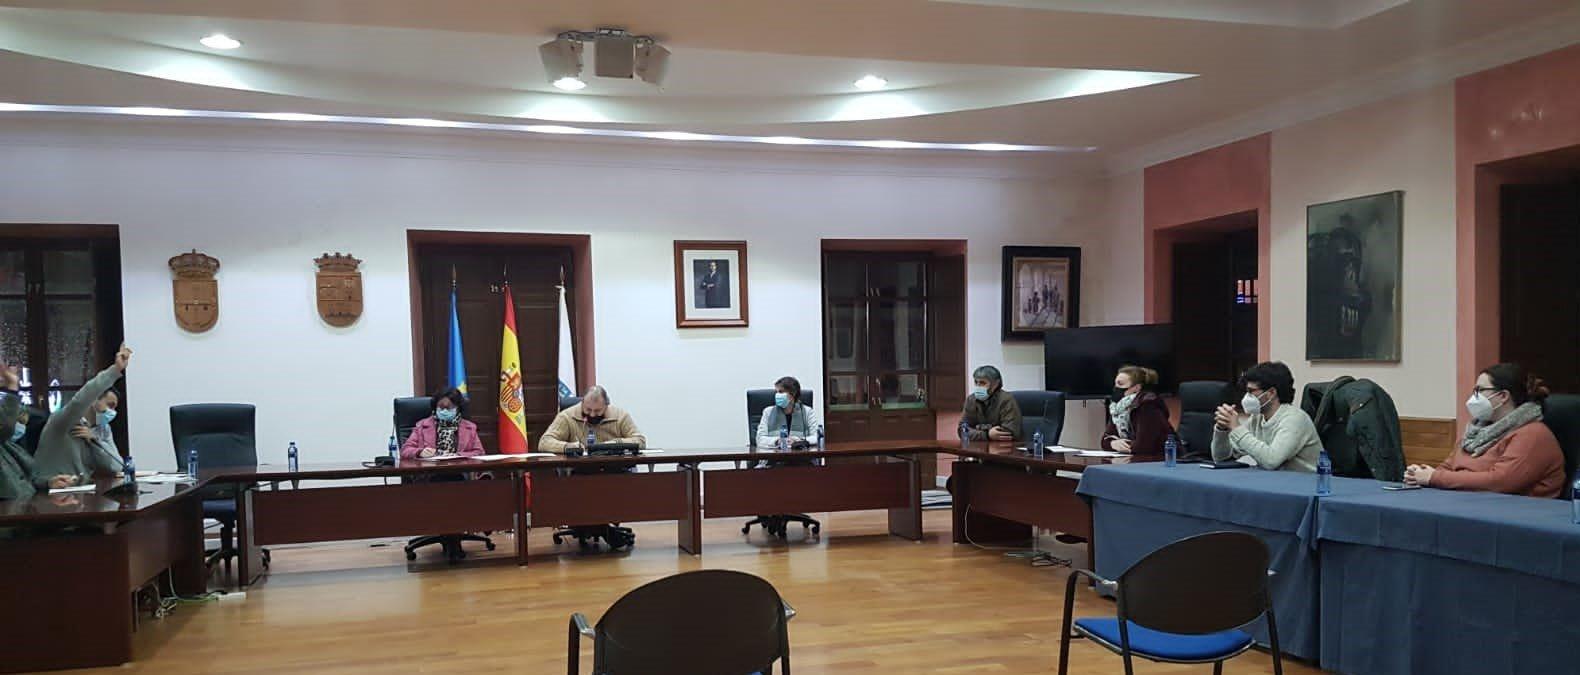 El pleno de Vegadeo aprueba las inversiones con cargo al remanente de Tesorería